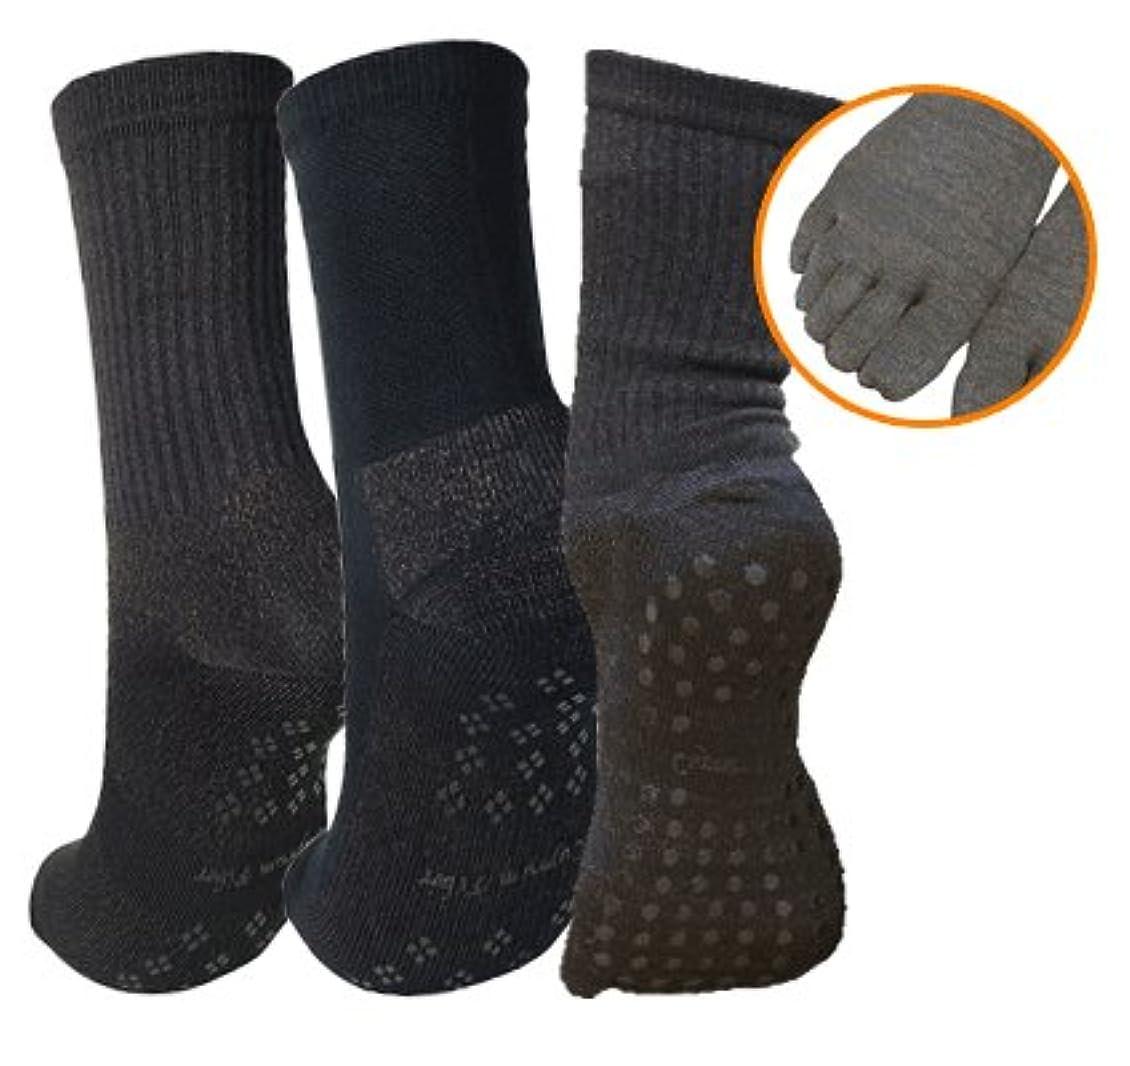 エッセイ拳民主主義銅繊維靴下「足もとはいつも青春」 女性専用お得お試し3点セット 【しもやけ対策に】